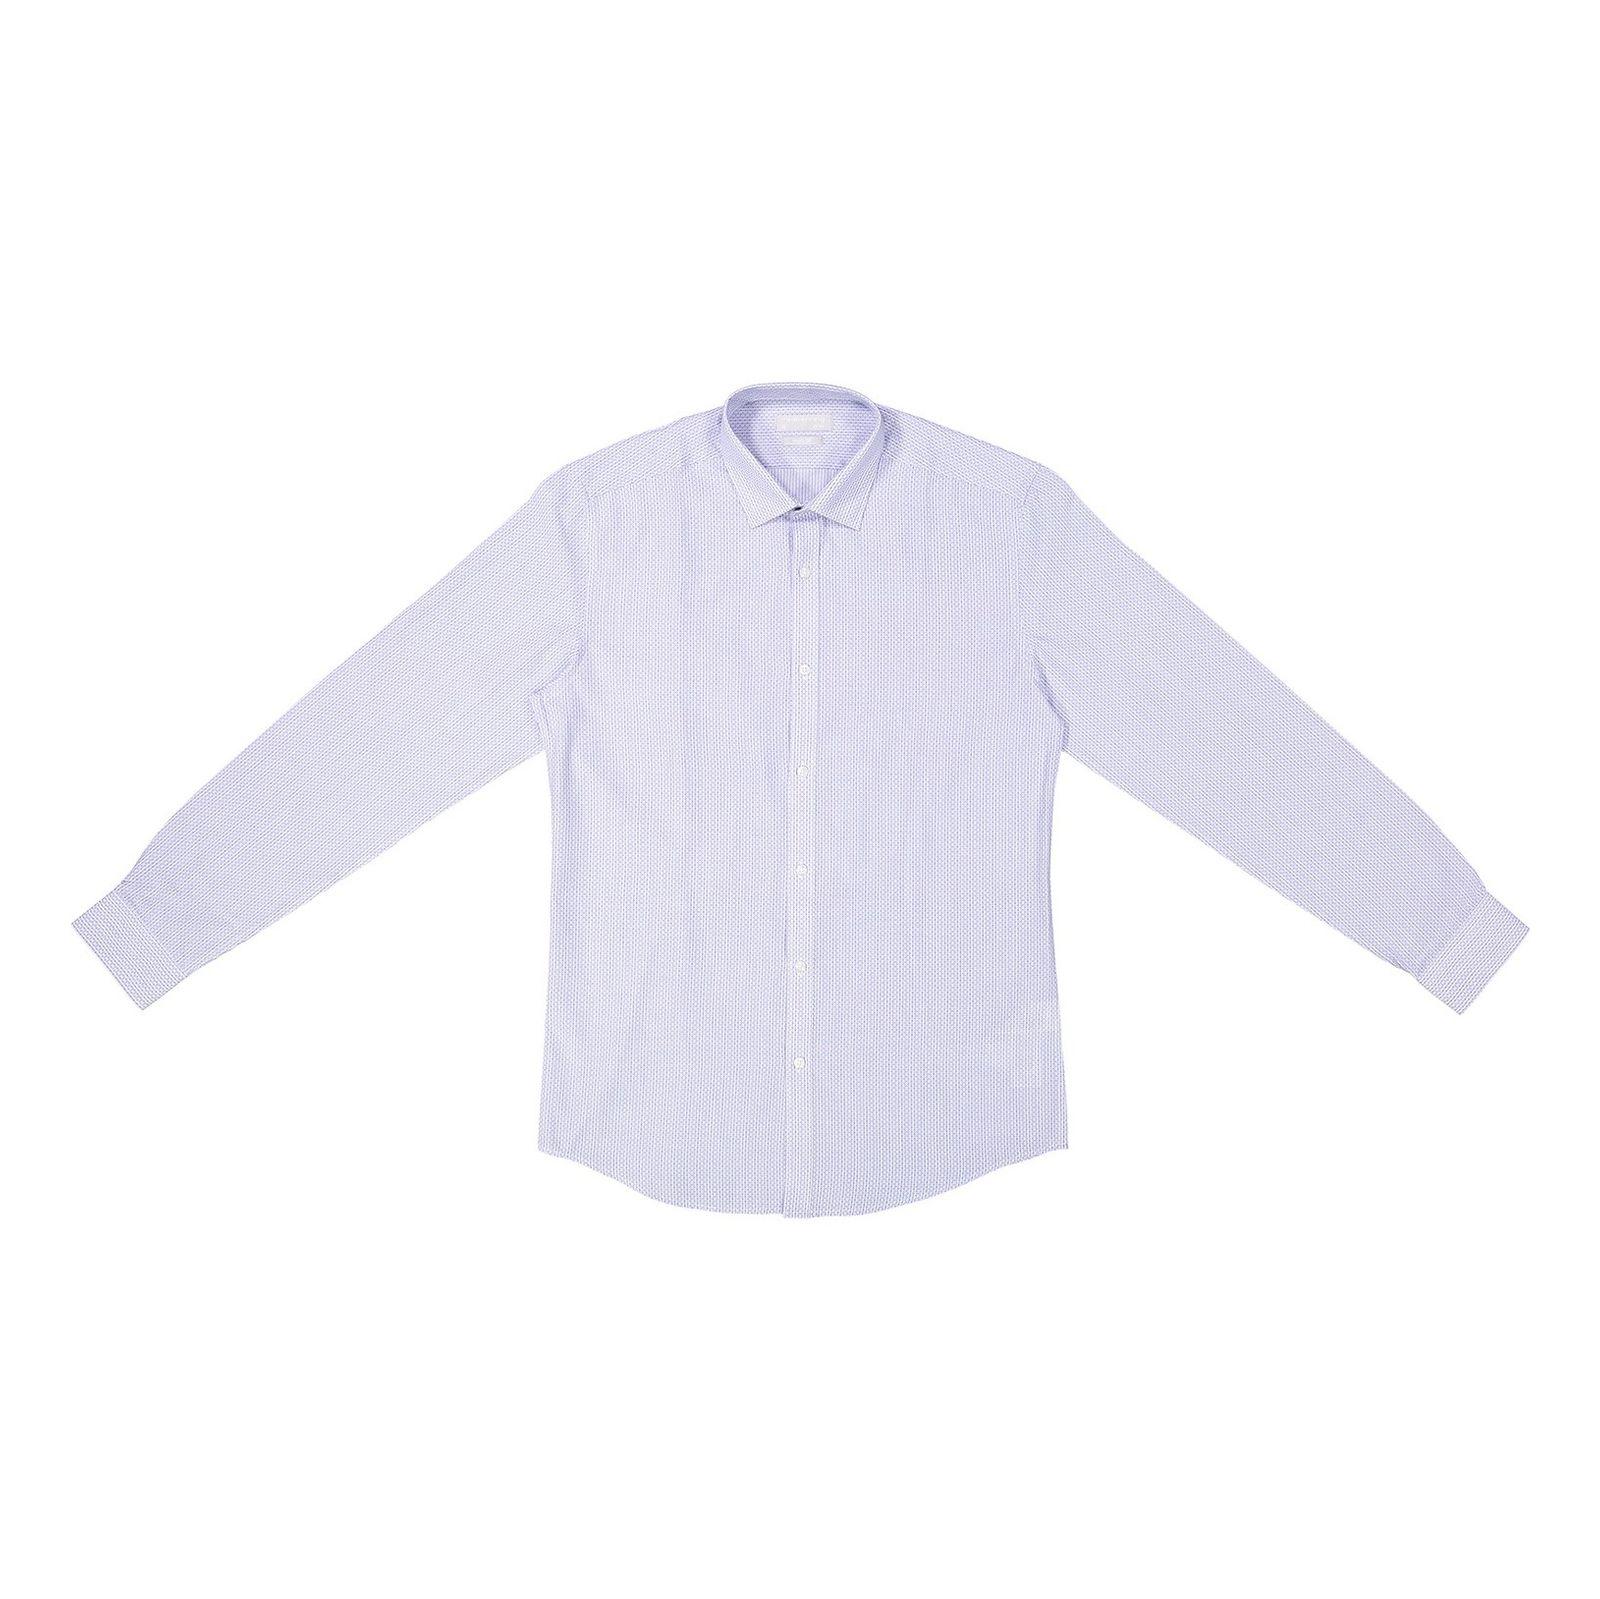 پیراهن رسمی مردانه - رد هرینگ - آبي روشن - 4